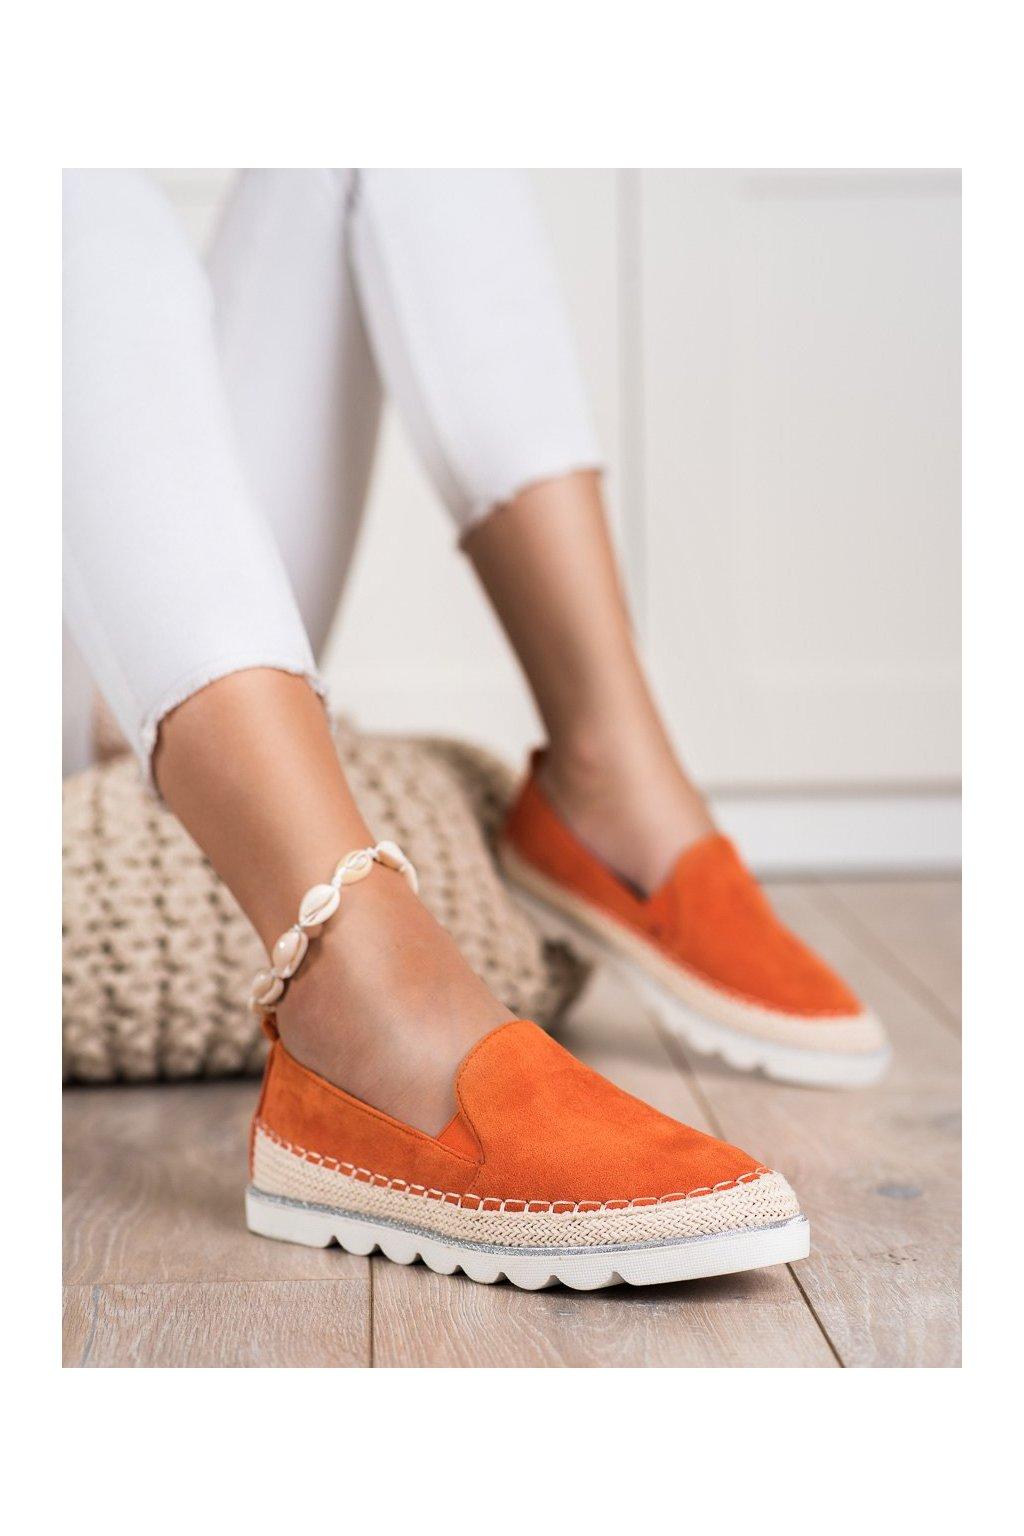 Oranžové tenisky Shelovet kod J1155OR